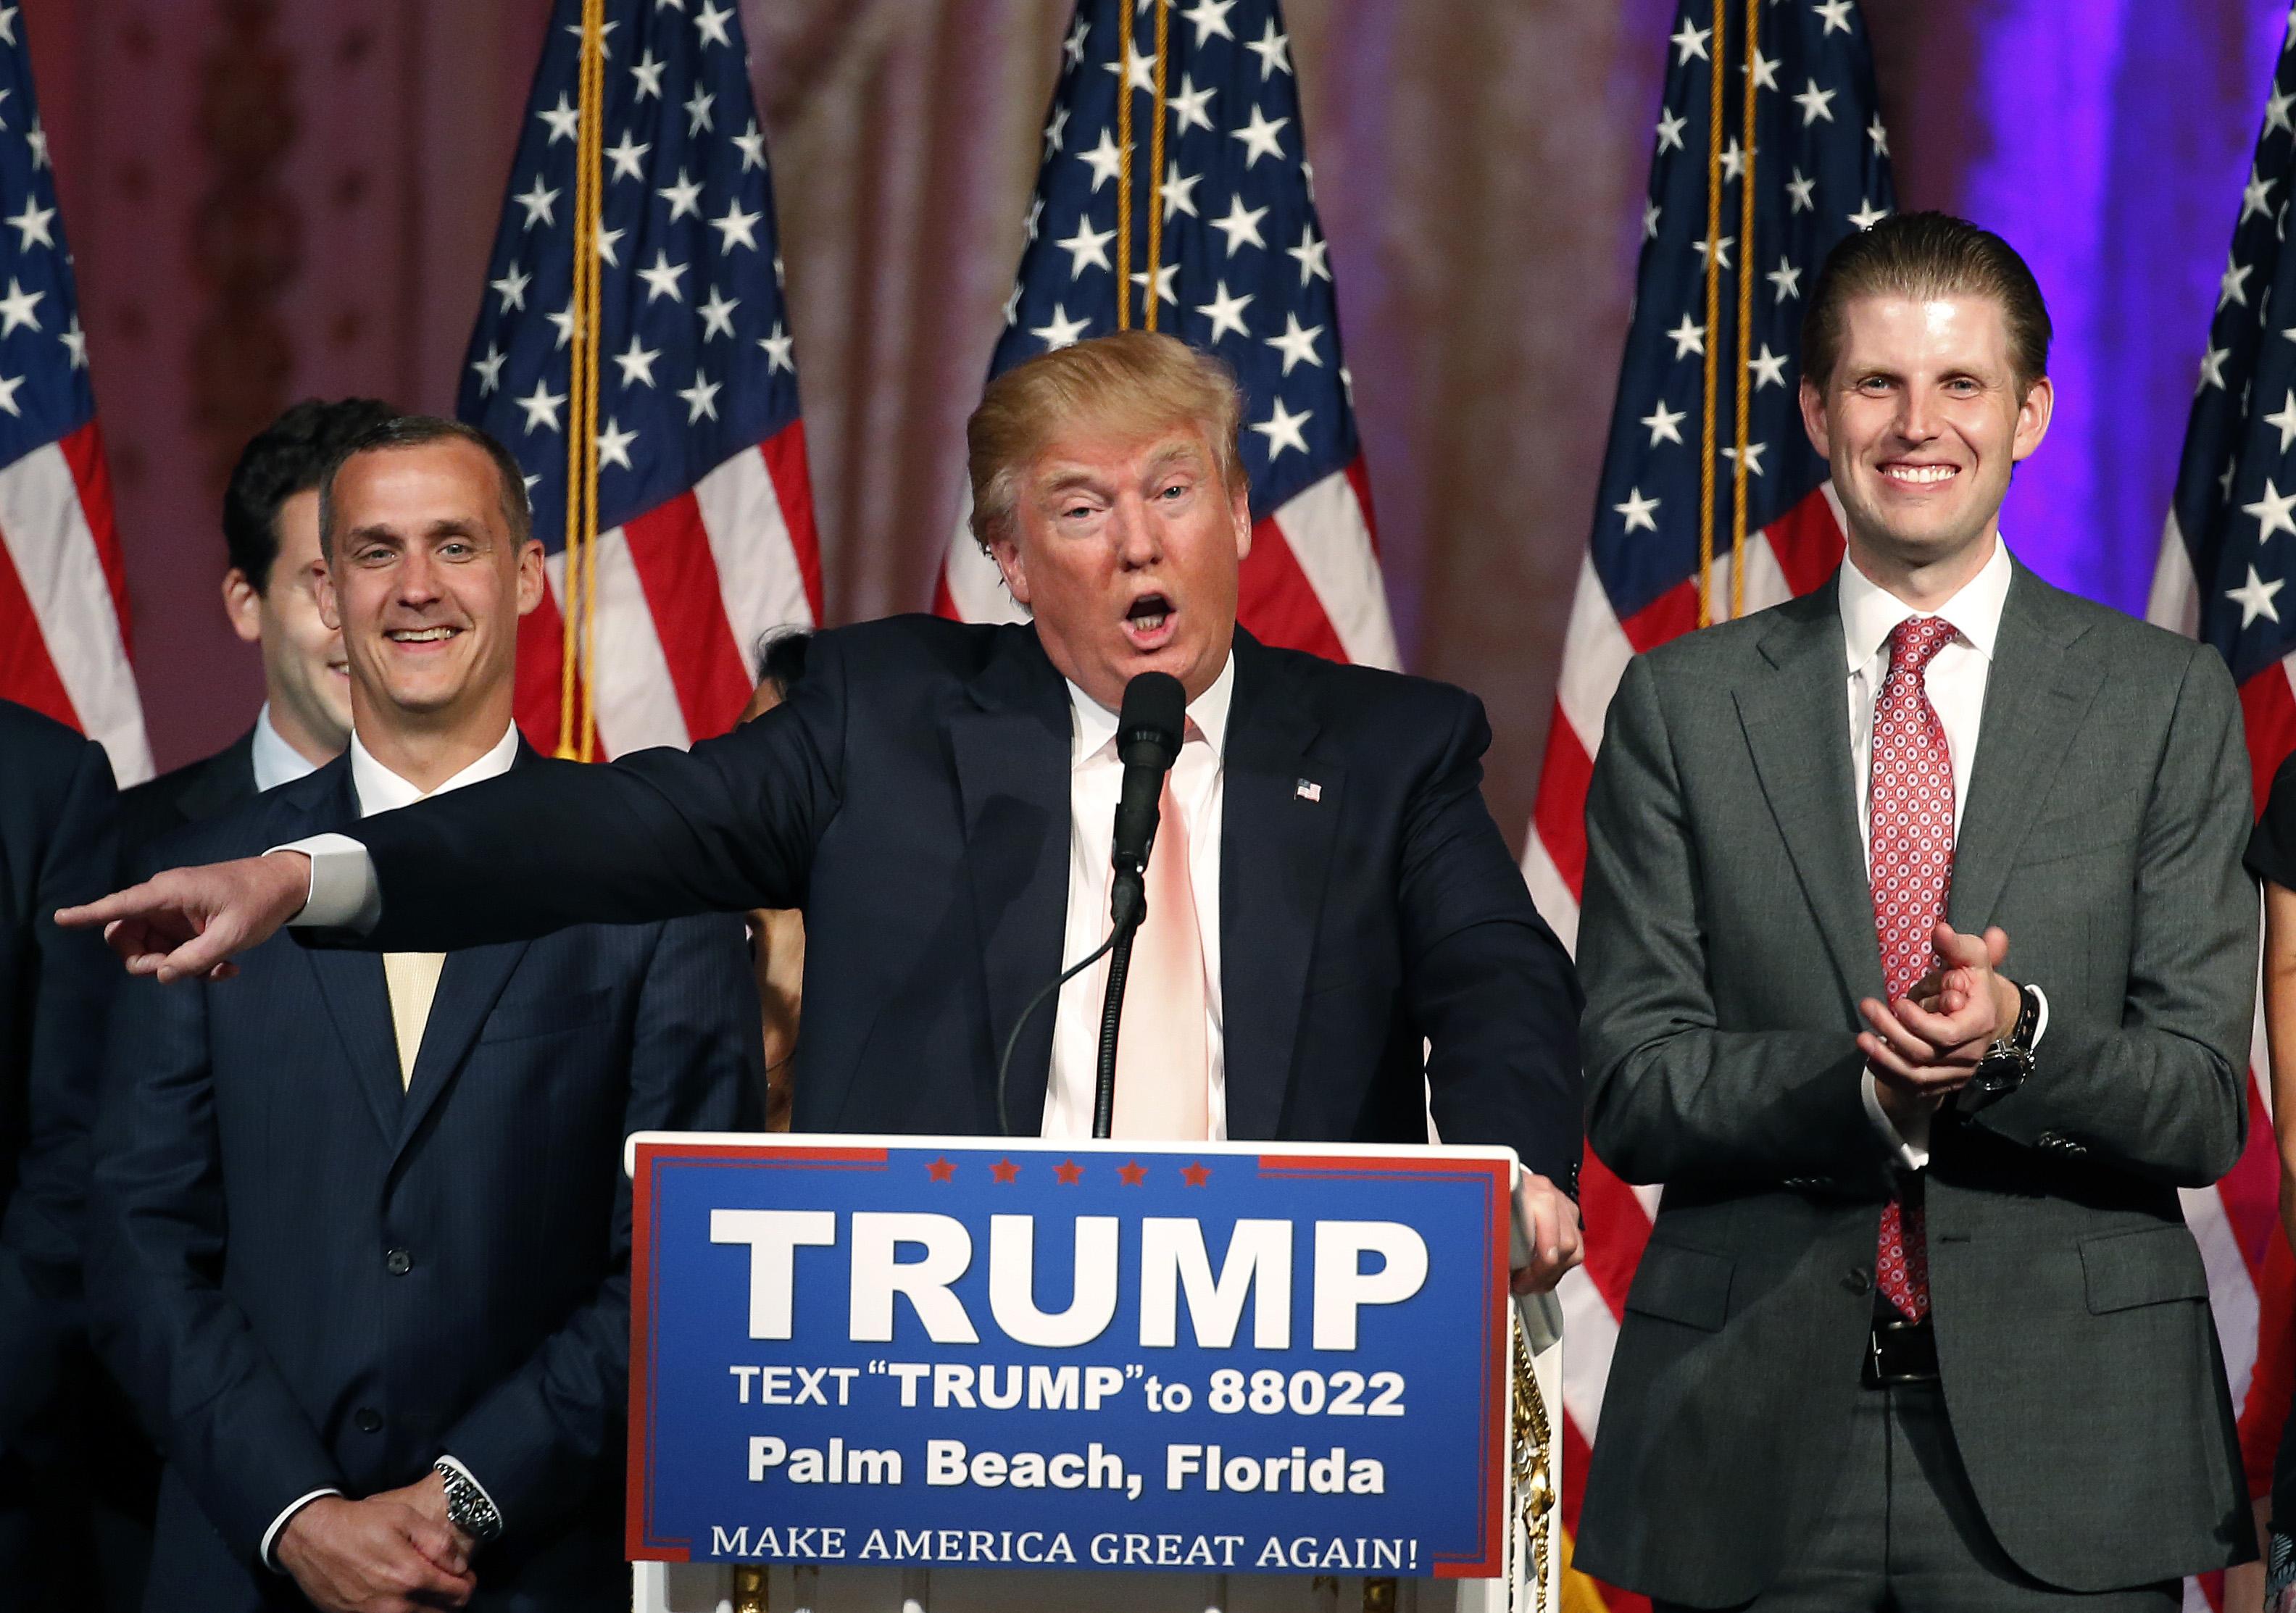 corey lewandowski, corey lewandowski donald trump, corey lewandowski trump campaign manager